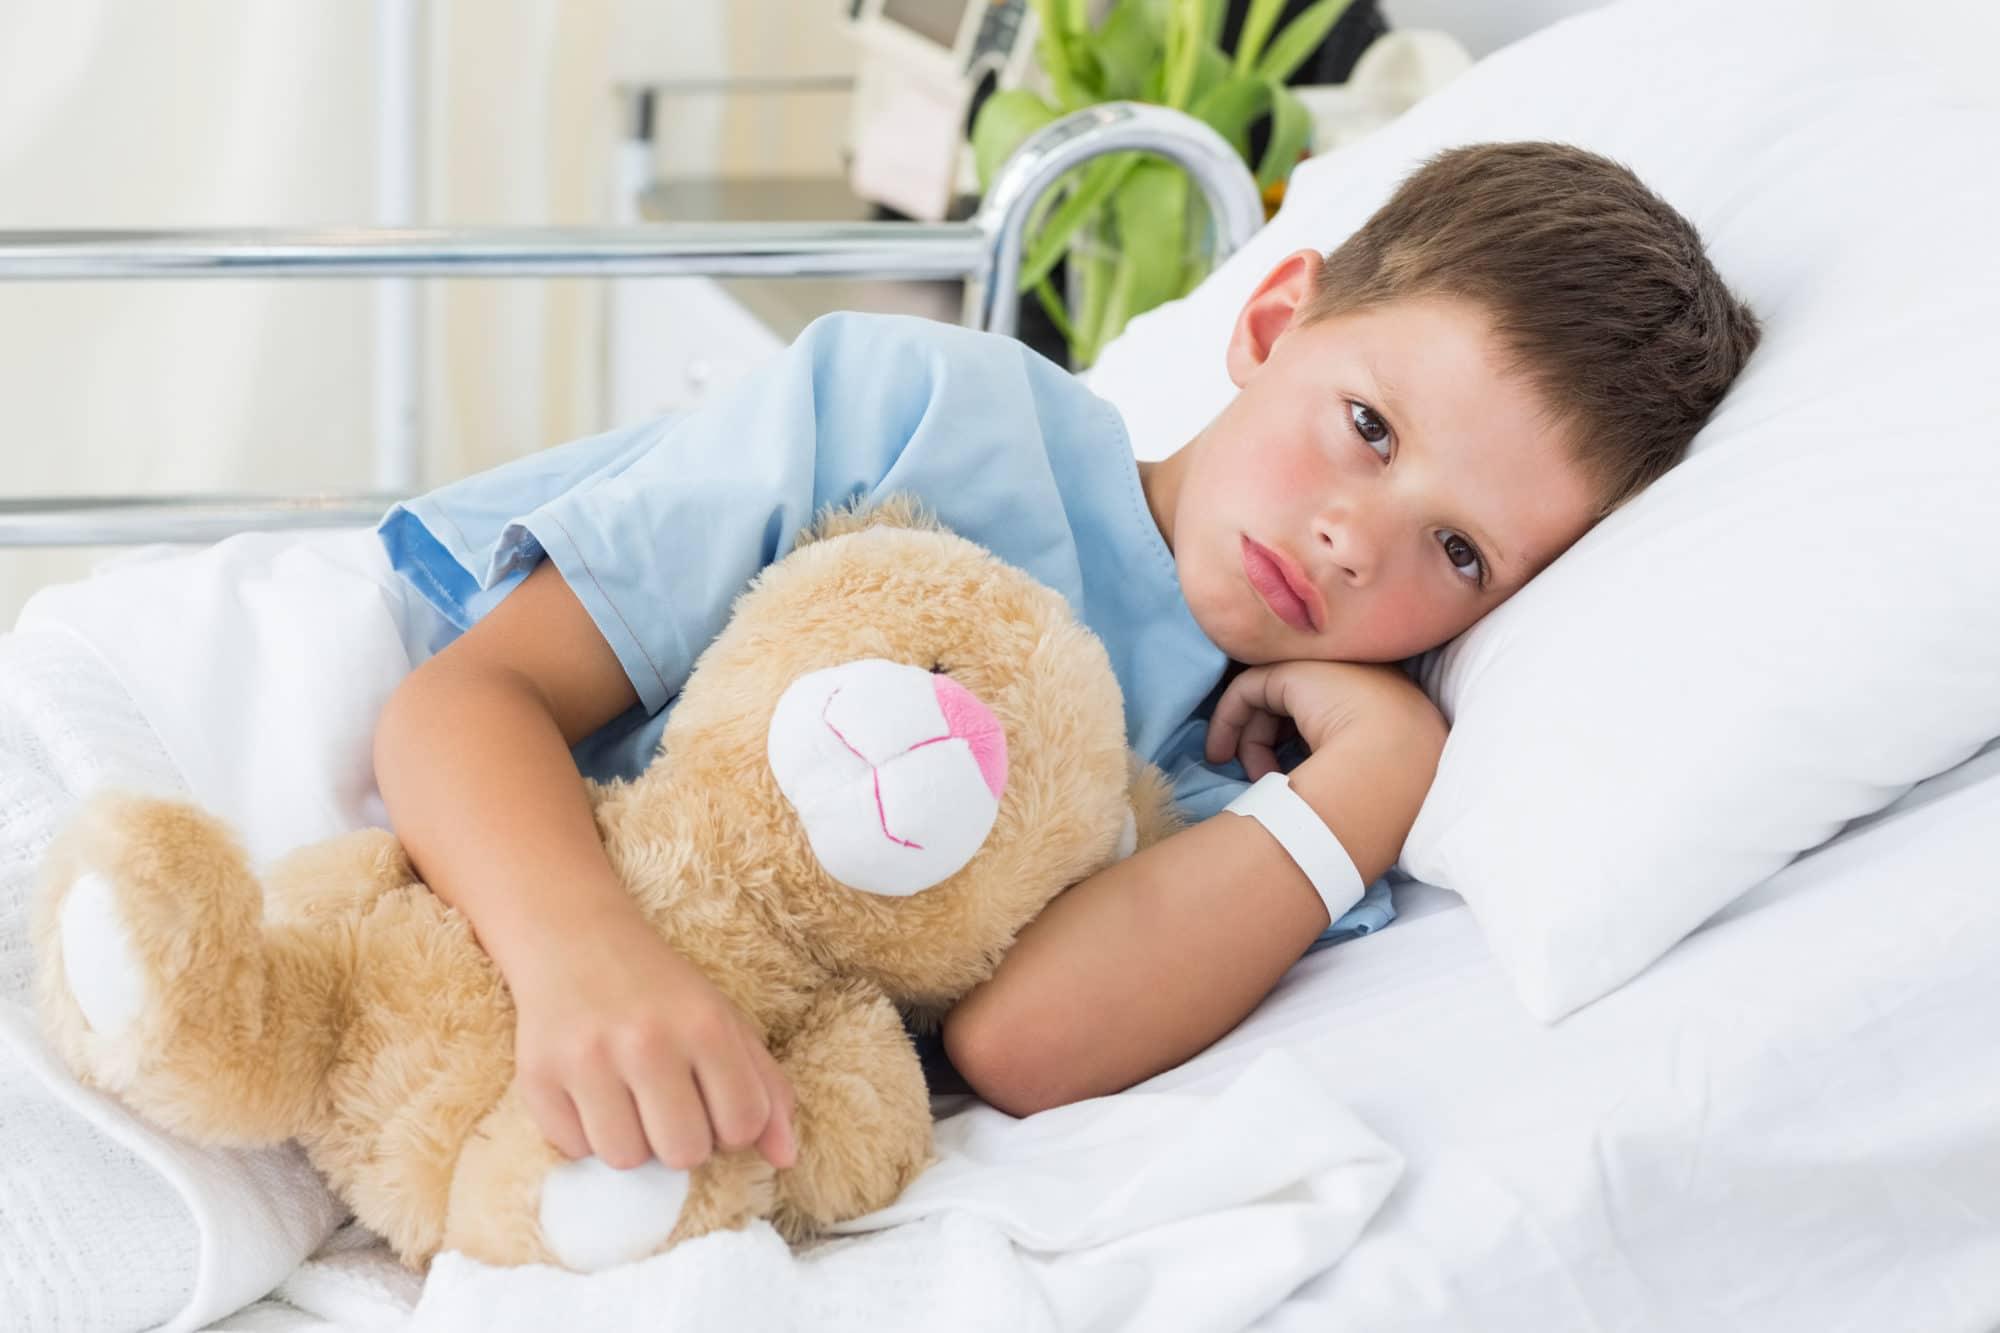 Редкие детские заболевания: фенилкетонурия, целиакия, болезнь Гоше, муковисцидоз, гемофилия